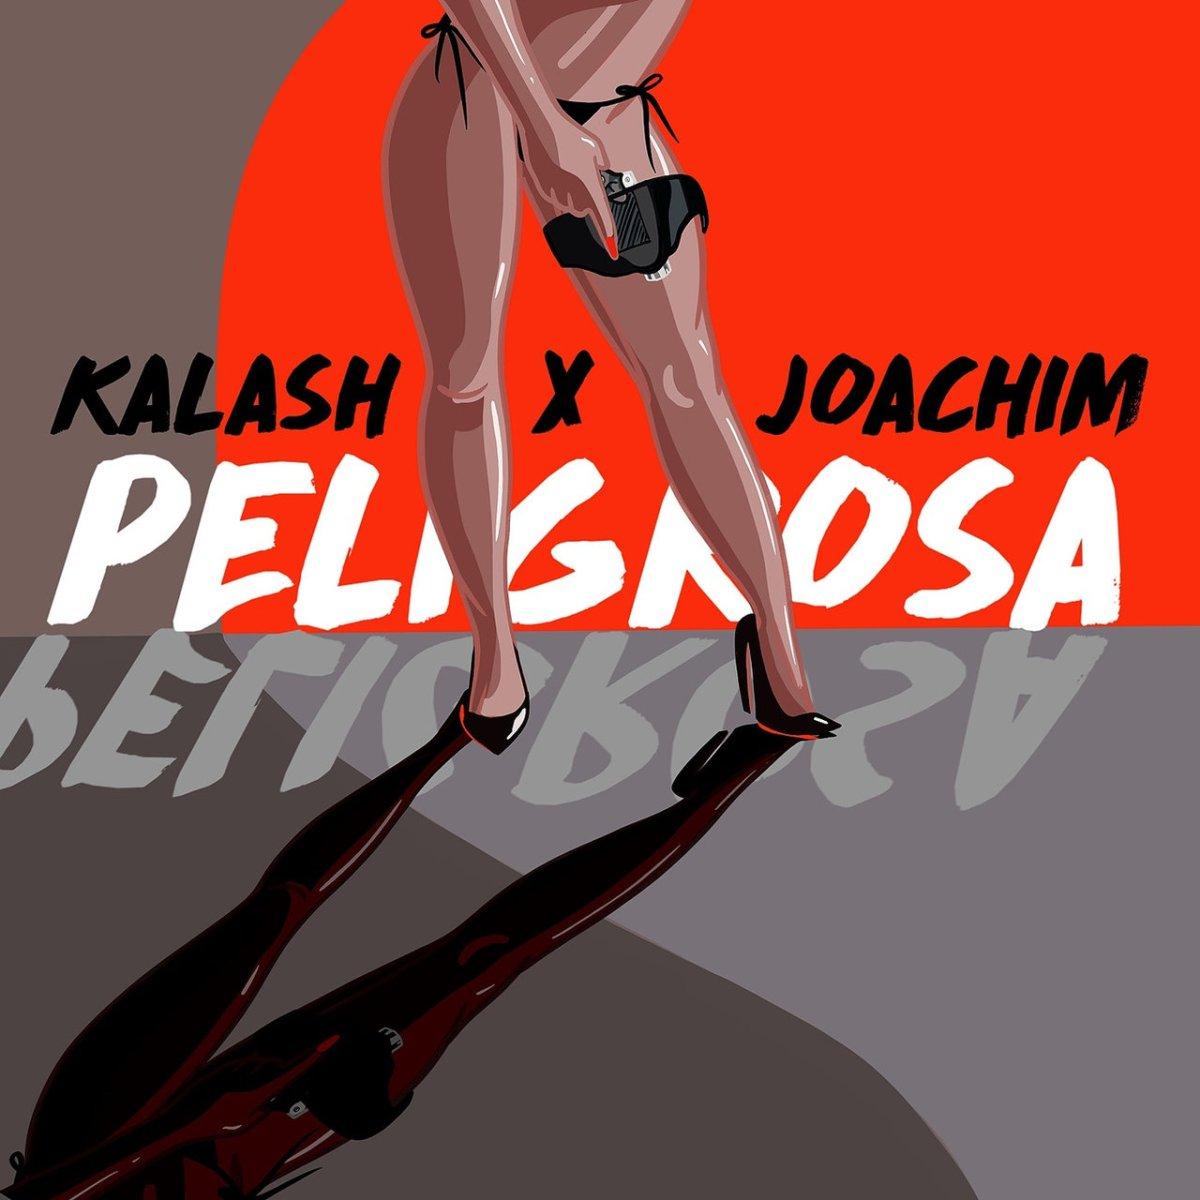 Kalash - Peligrosa (ft. Joakim) (Cover)